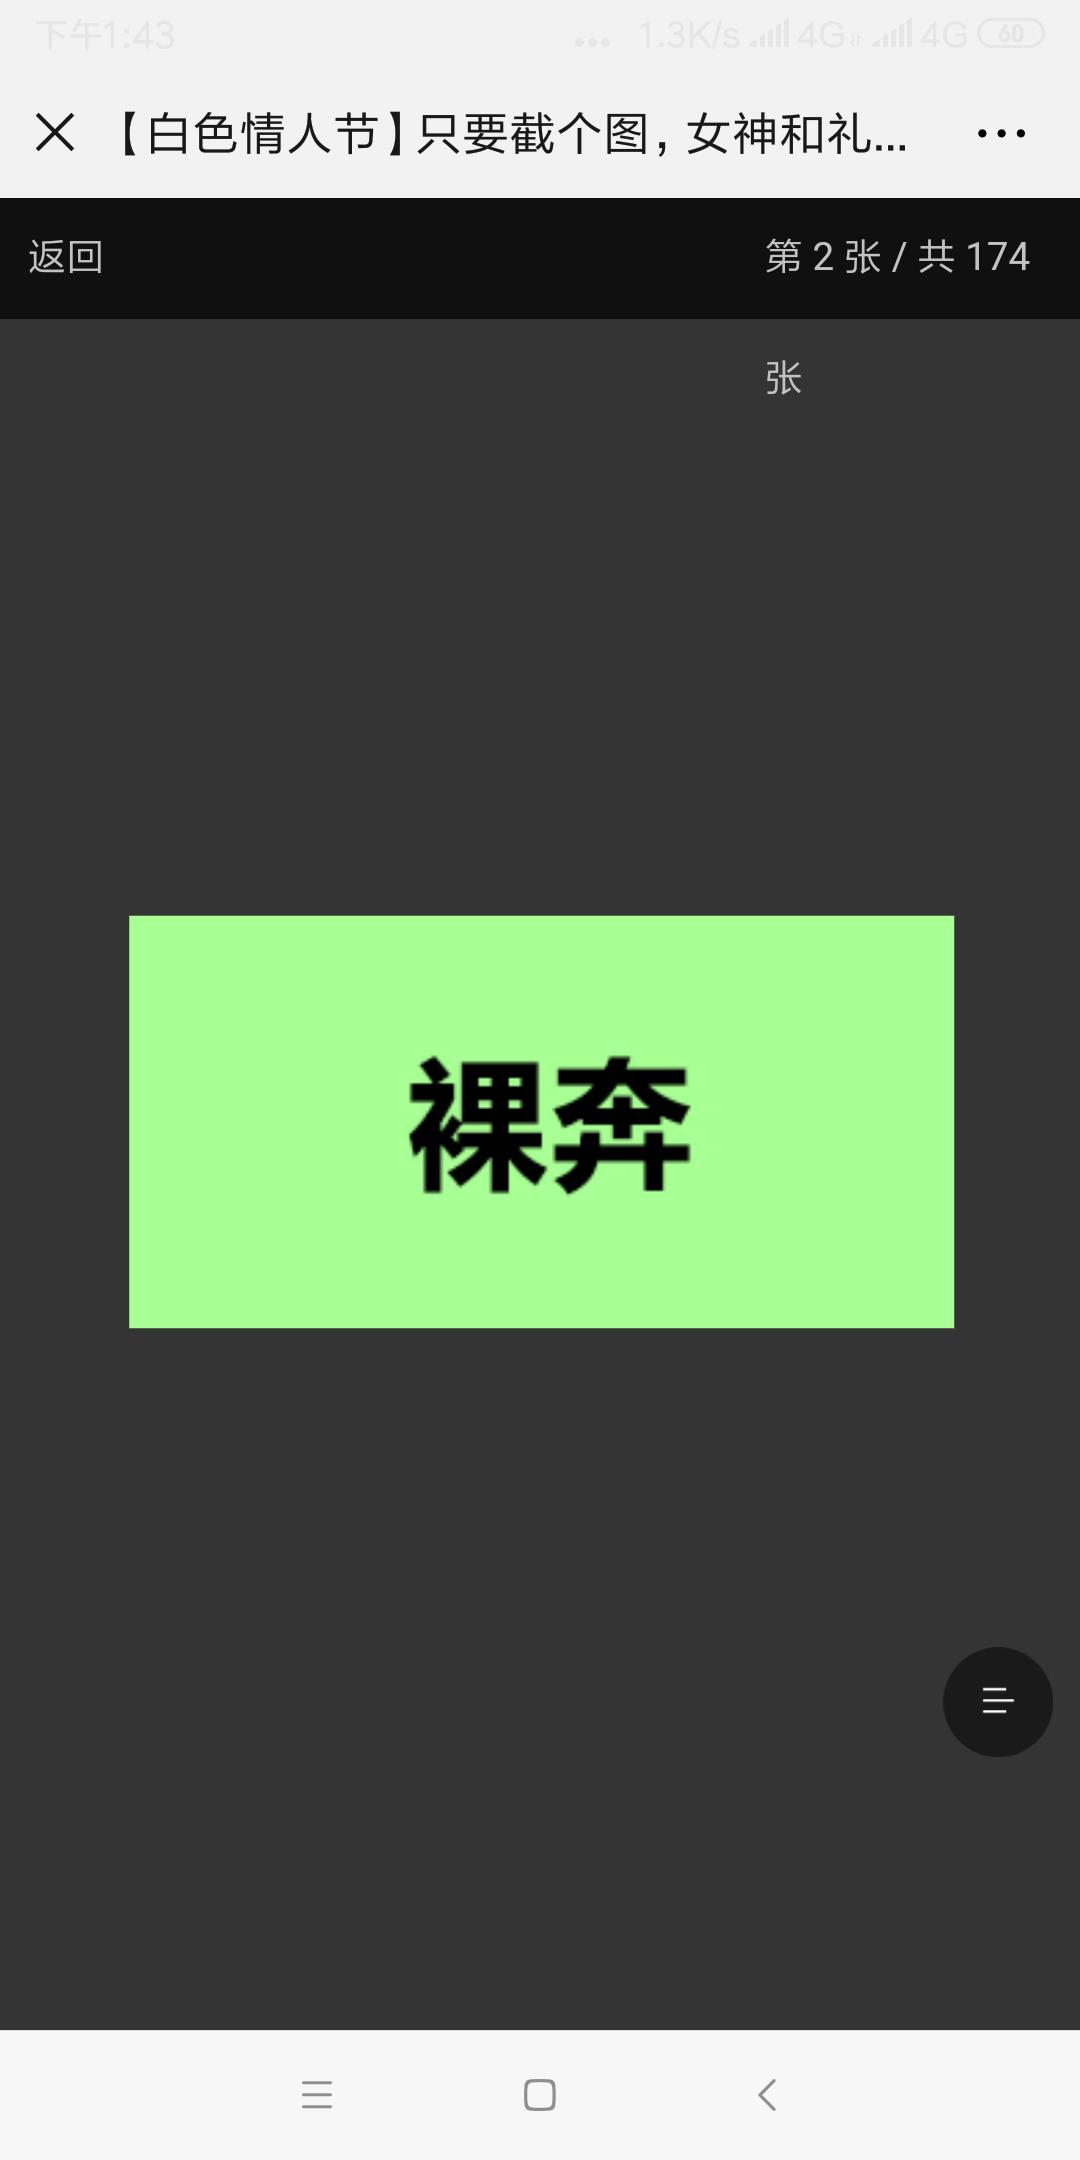 Screenshot_2019-03-14-13-43-26-654_com.tencent.mm.png